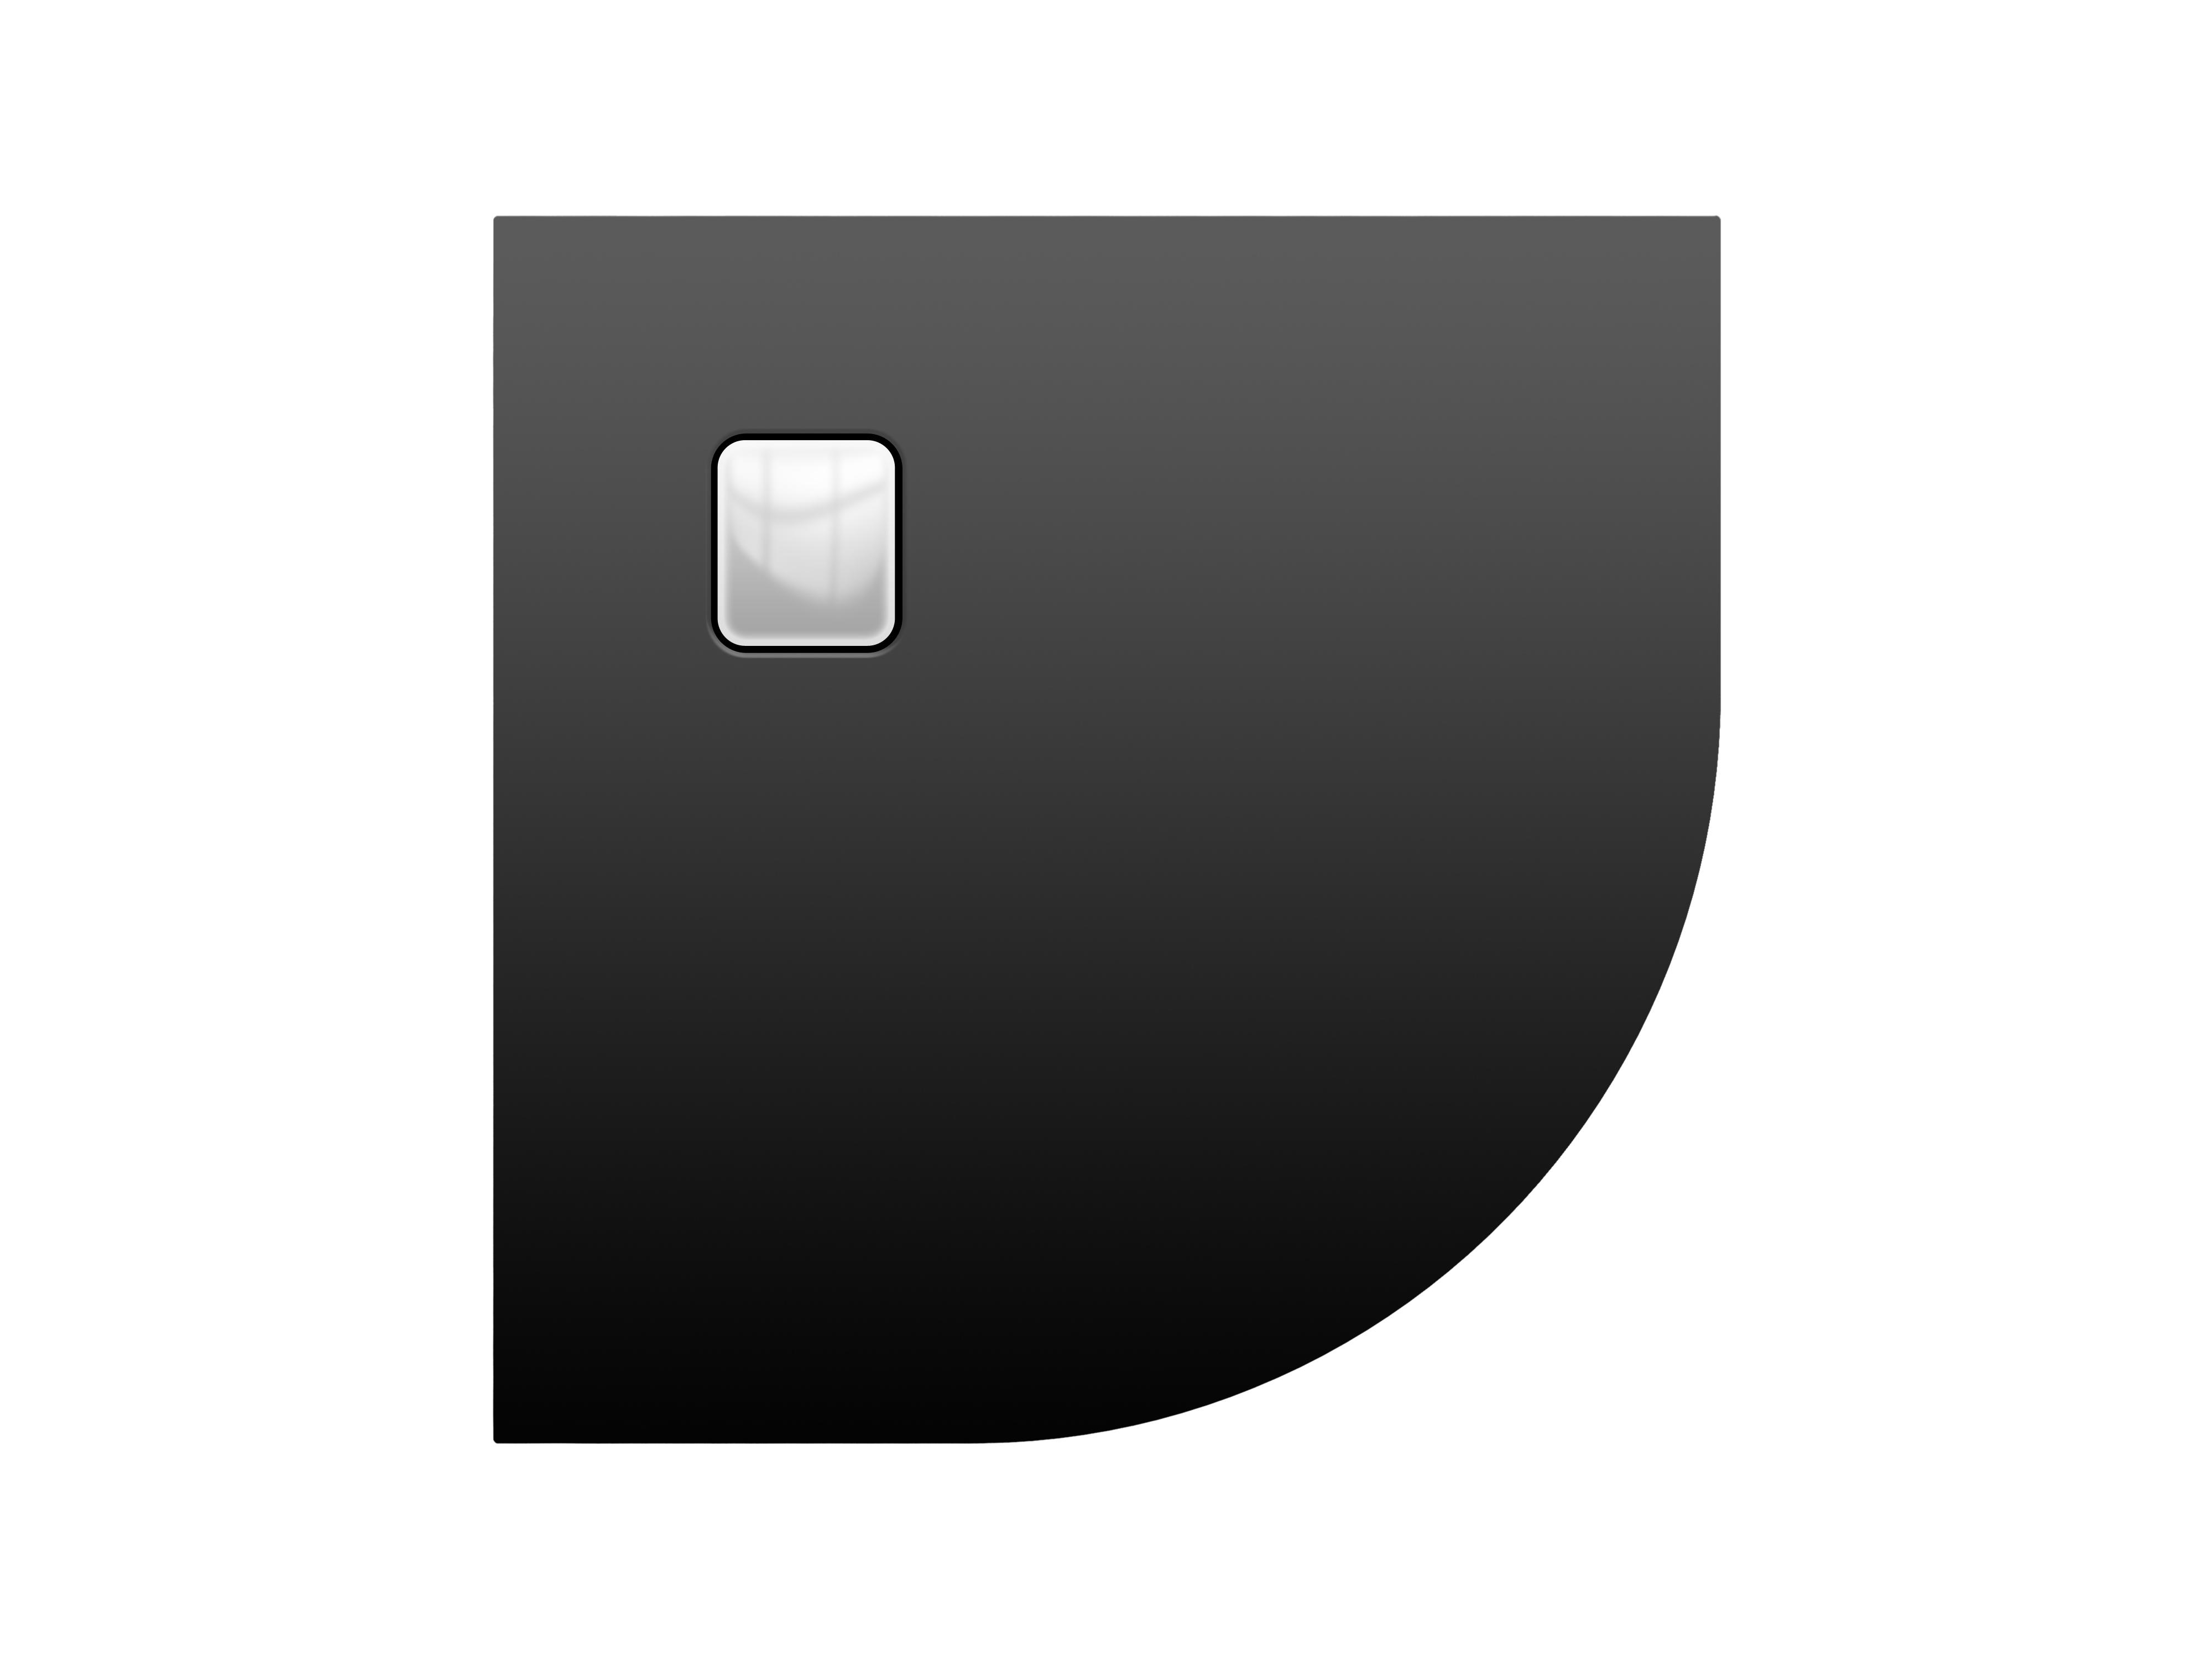 Акриловый душевой поддон Riho Basel 451 90x90 черный матовый, накладка хром DC981700000000S